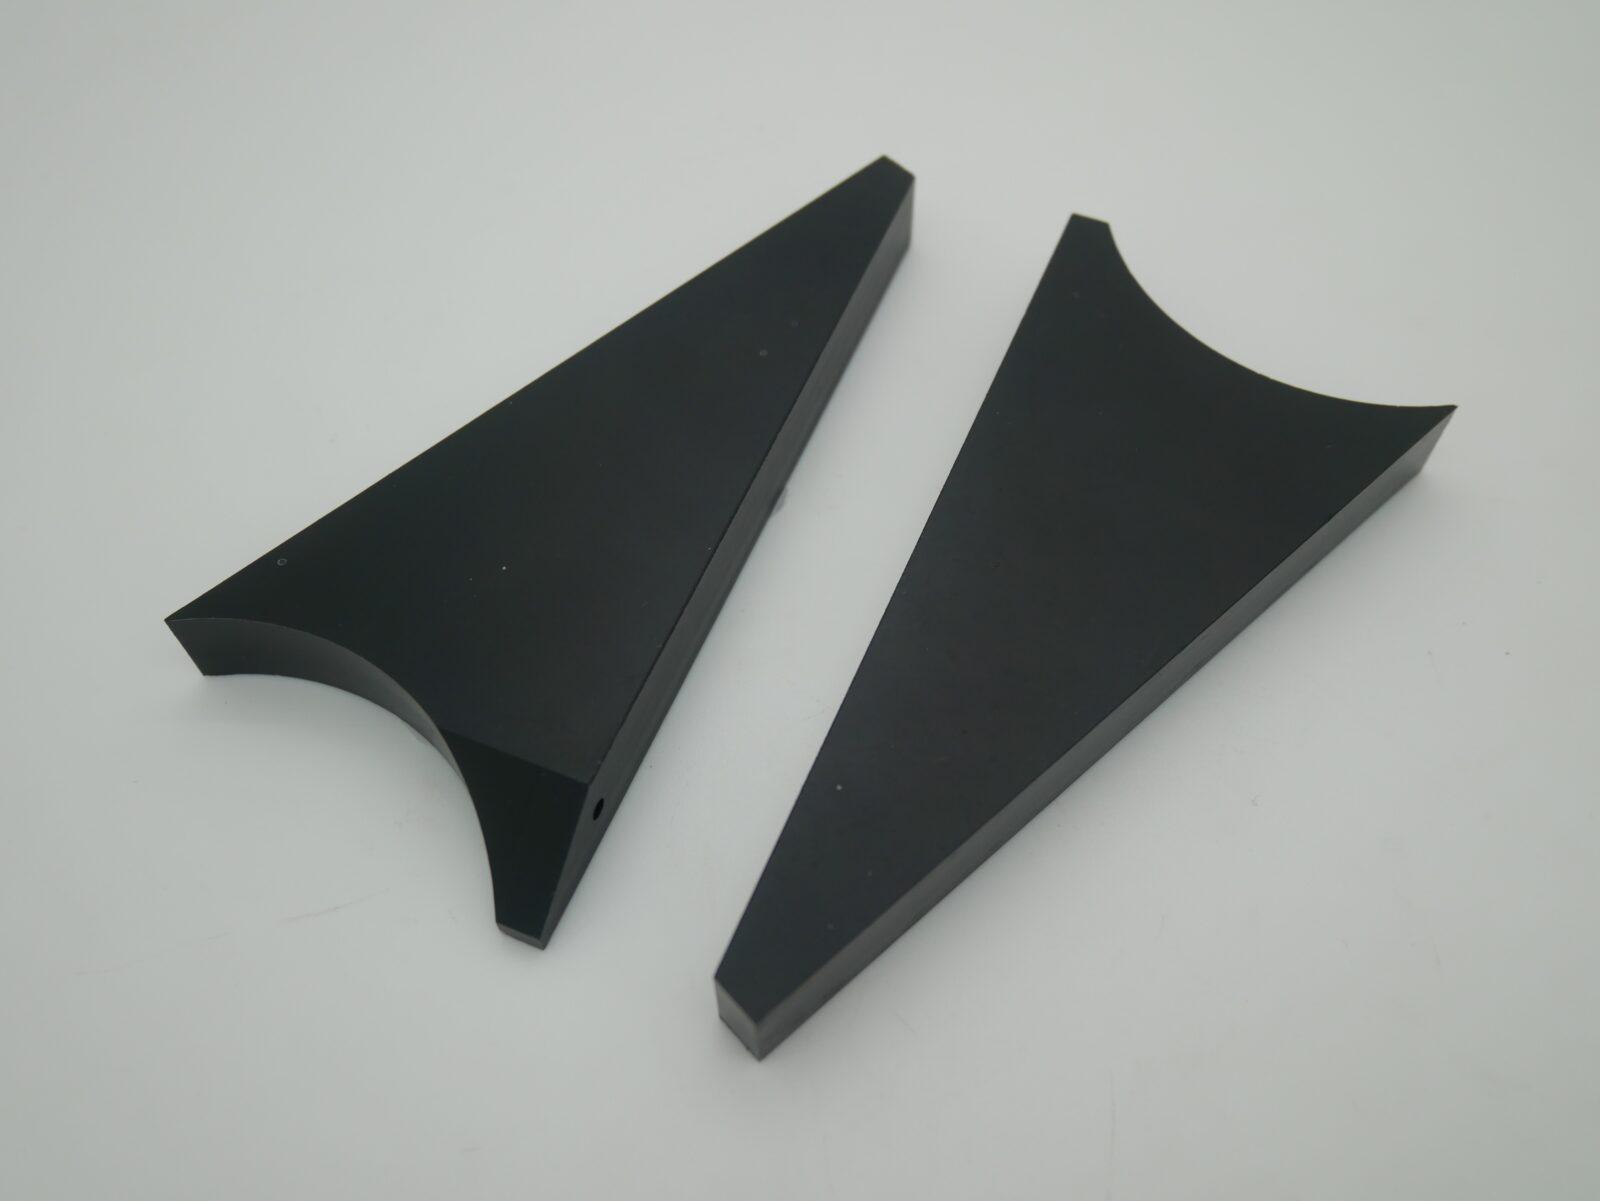 SM52 Ink Duct Dividers (Pair) 108mm HDM: G2.008.112F D/S or G2.008.113F O/S